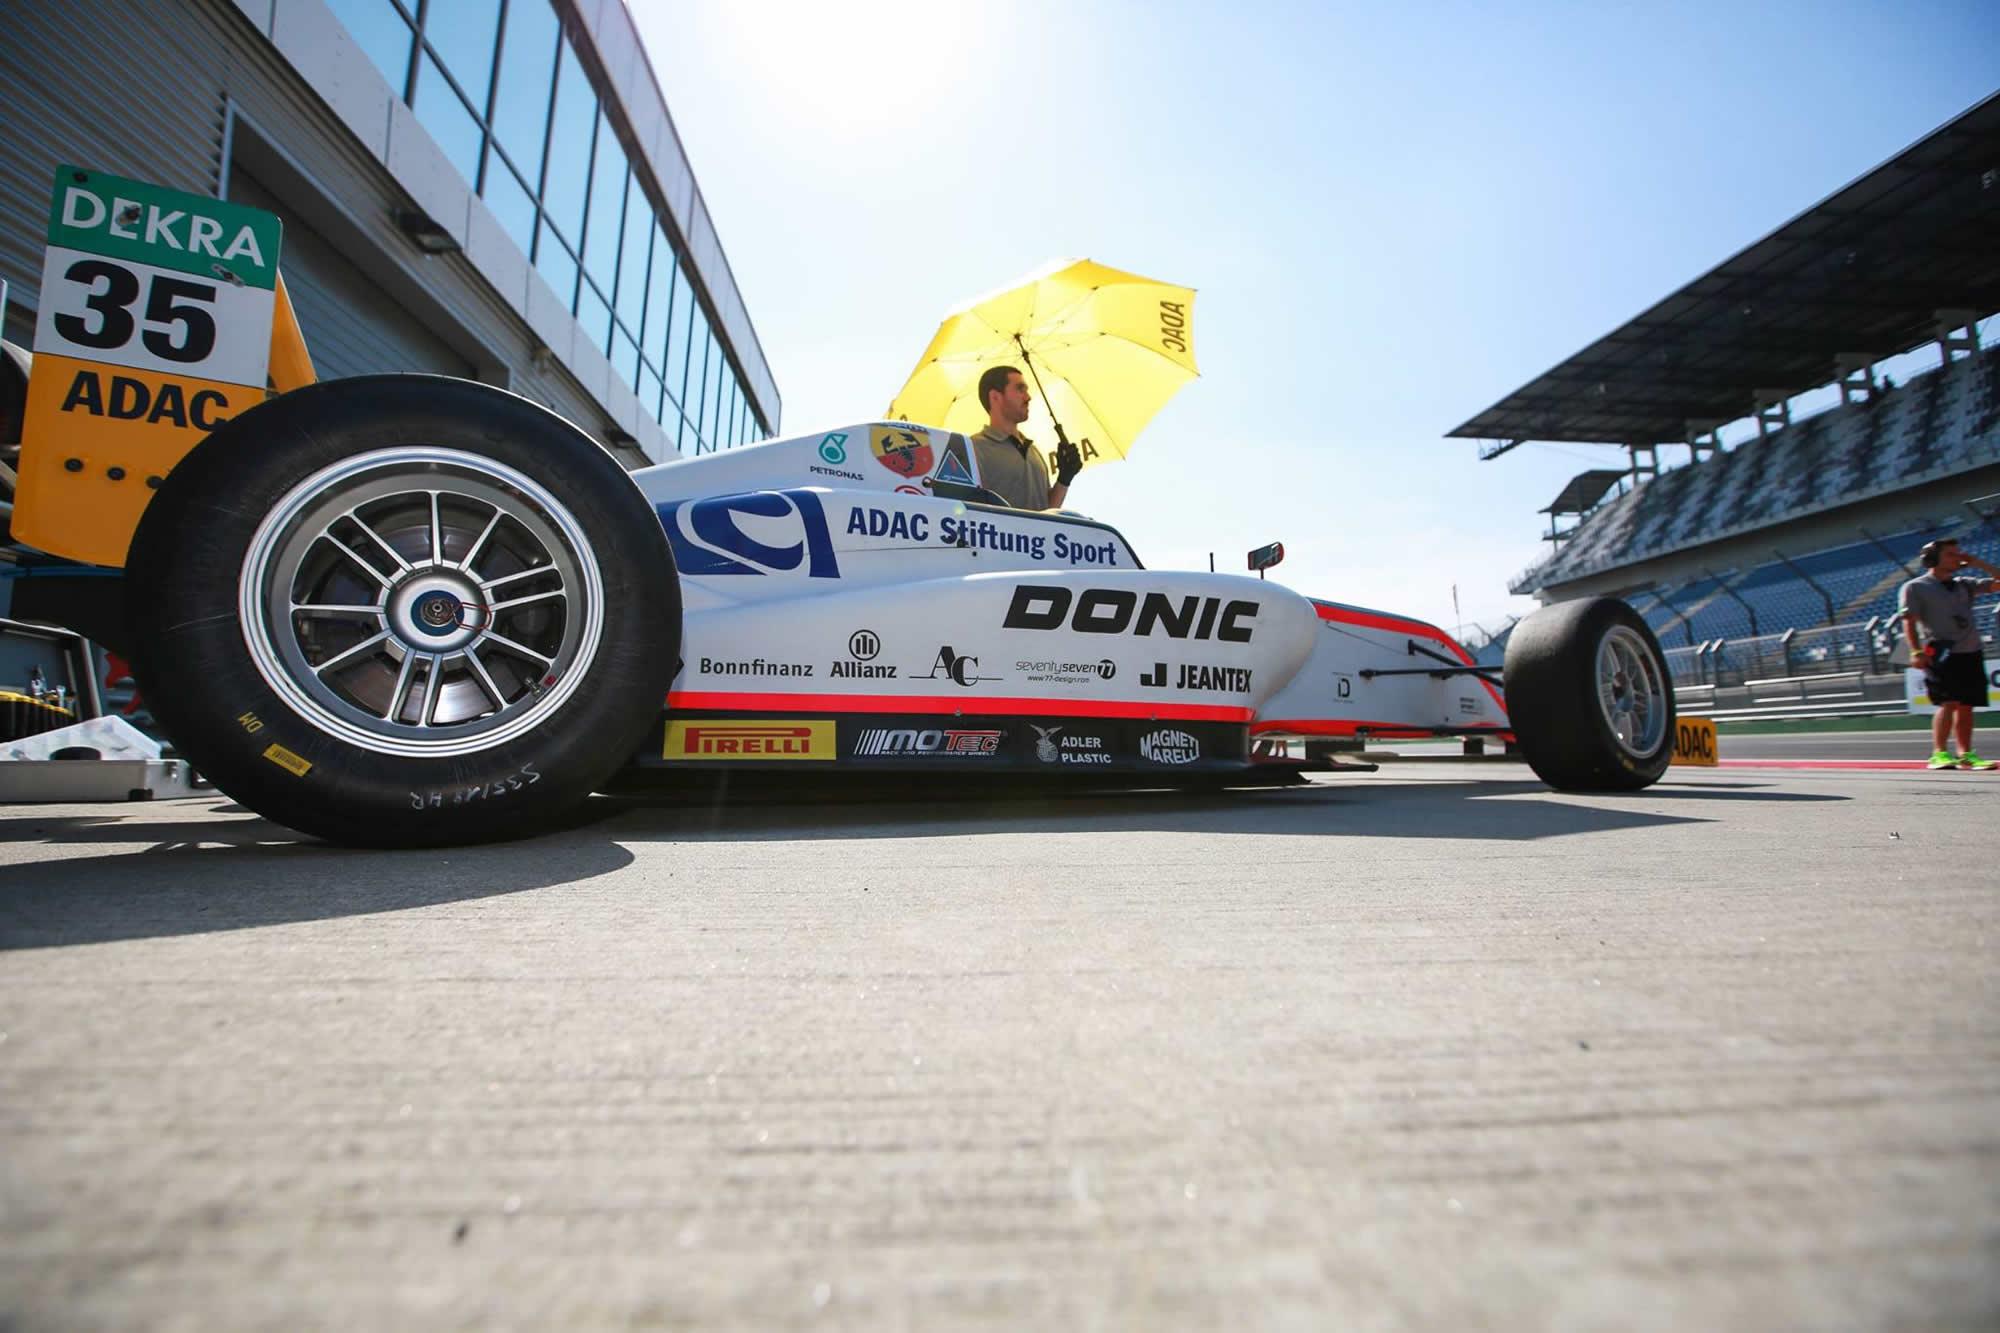 Motec - Aktivitäten Motorsport